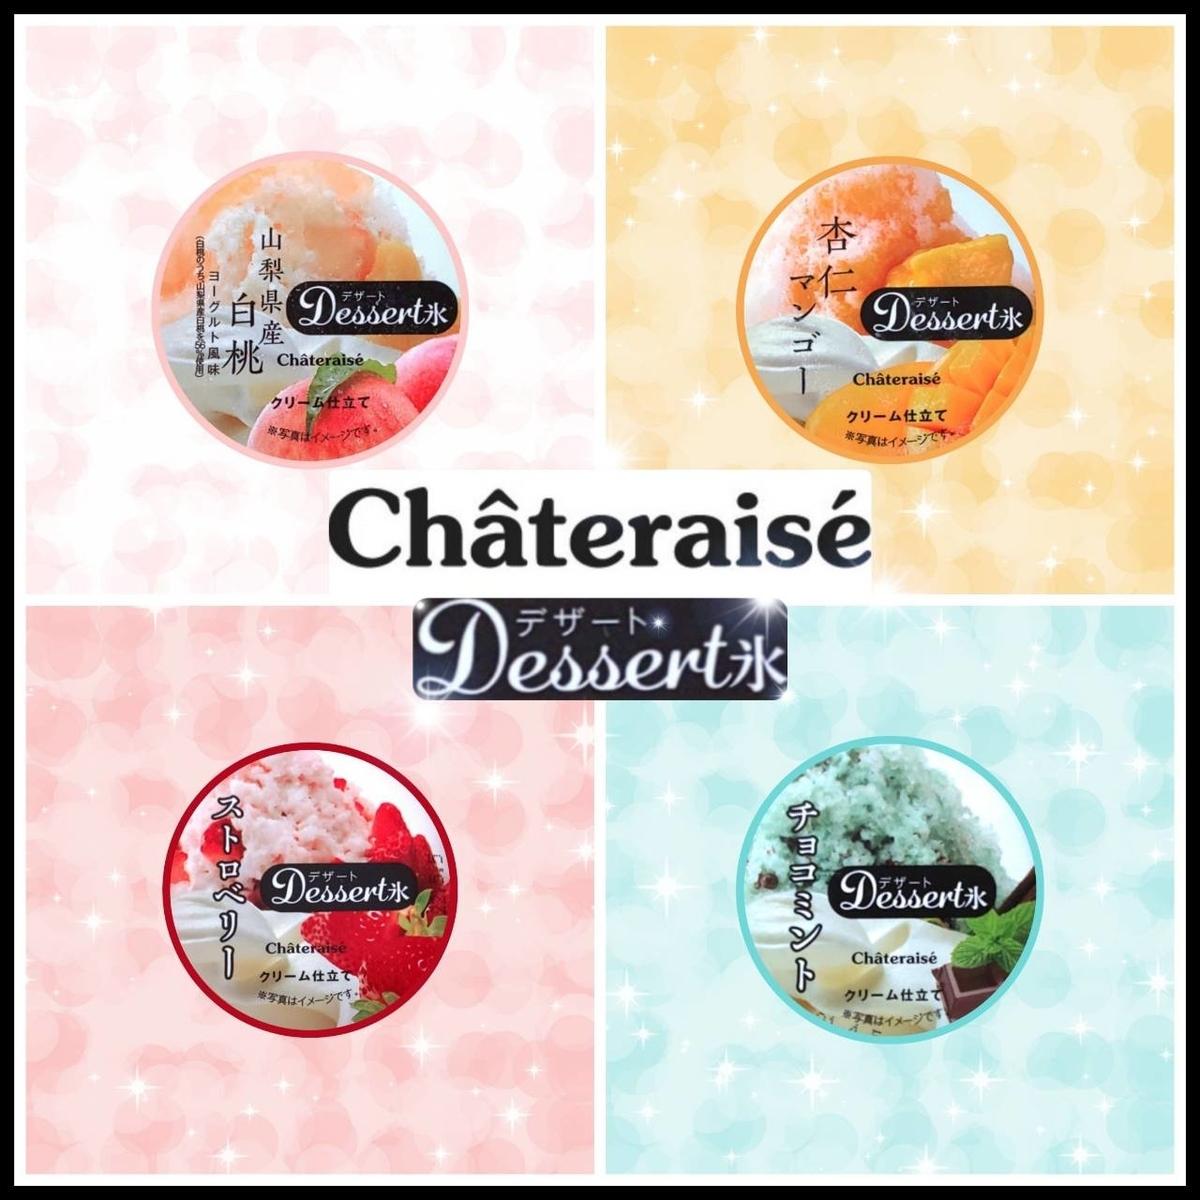 シャトレーゼ おすすめアイス DESSERT氷クリーム仕立て カップアイス 値段 感想 口コミ レビュー